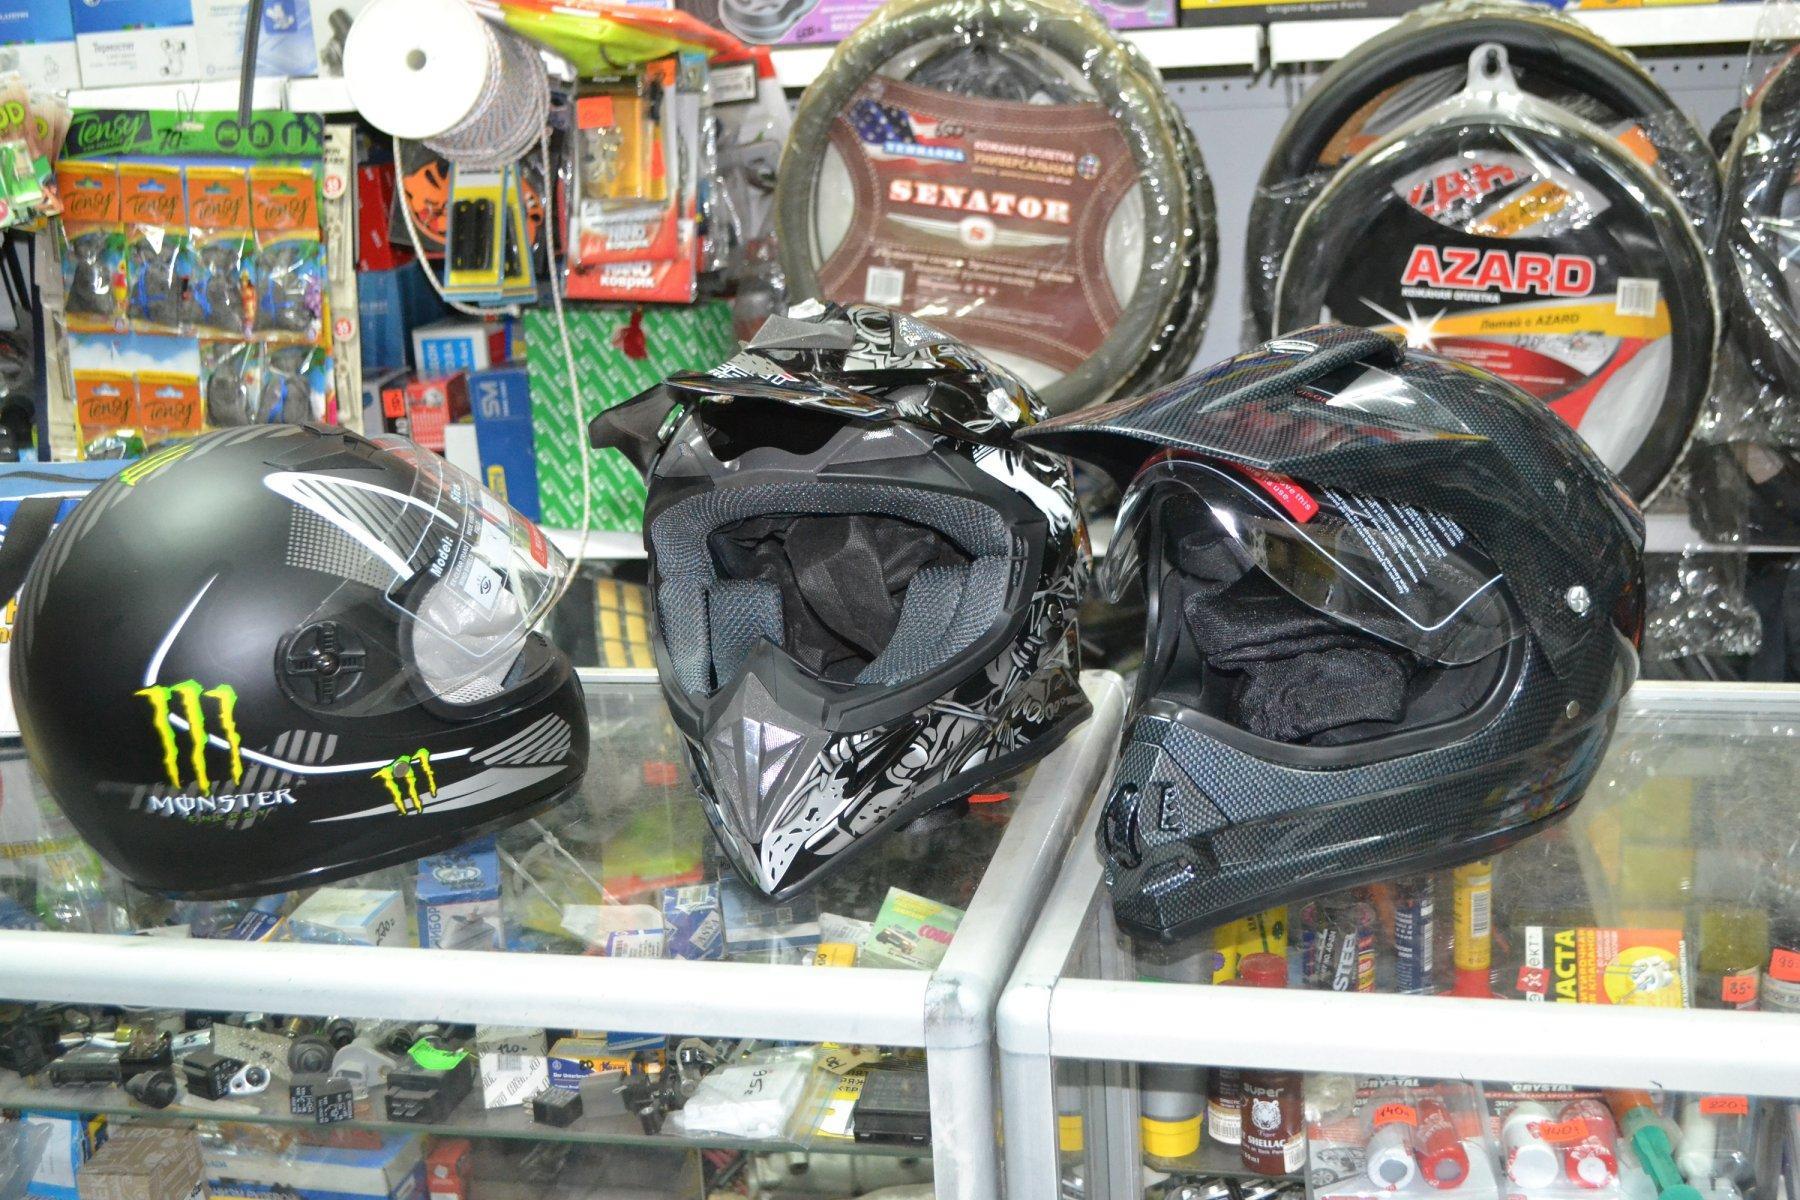 Качественные запчасти для мотоциклов различных торговых марок